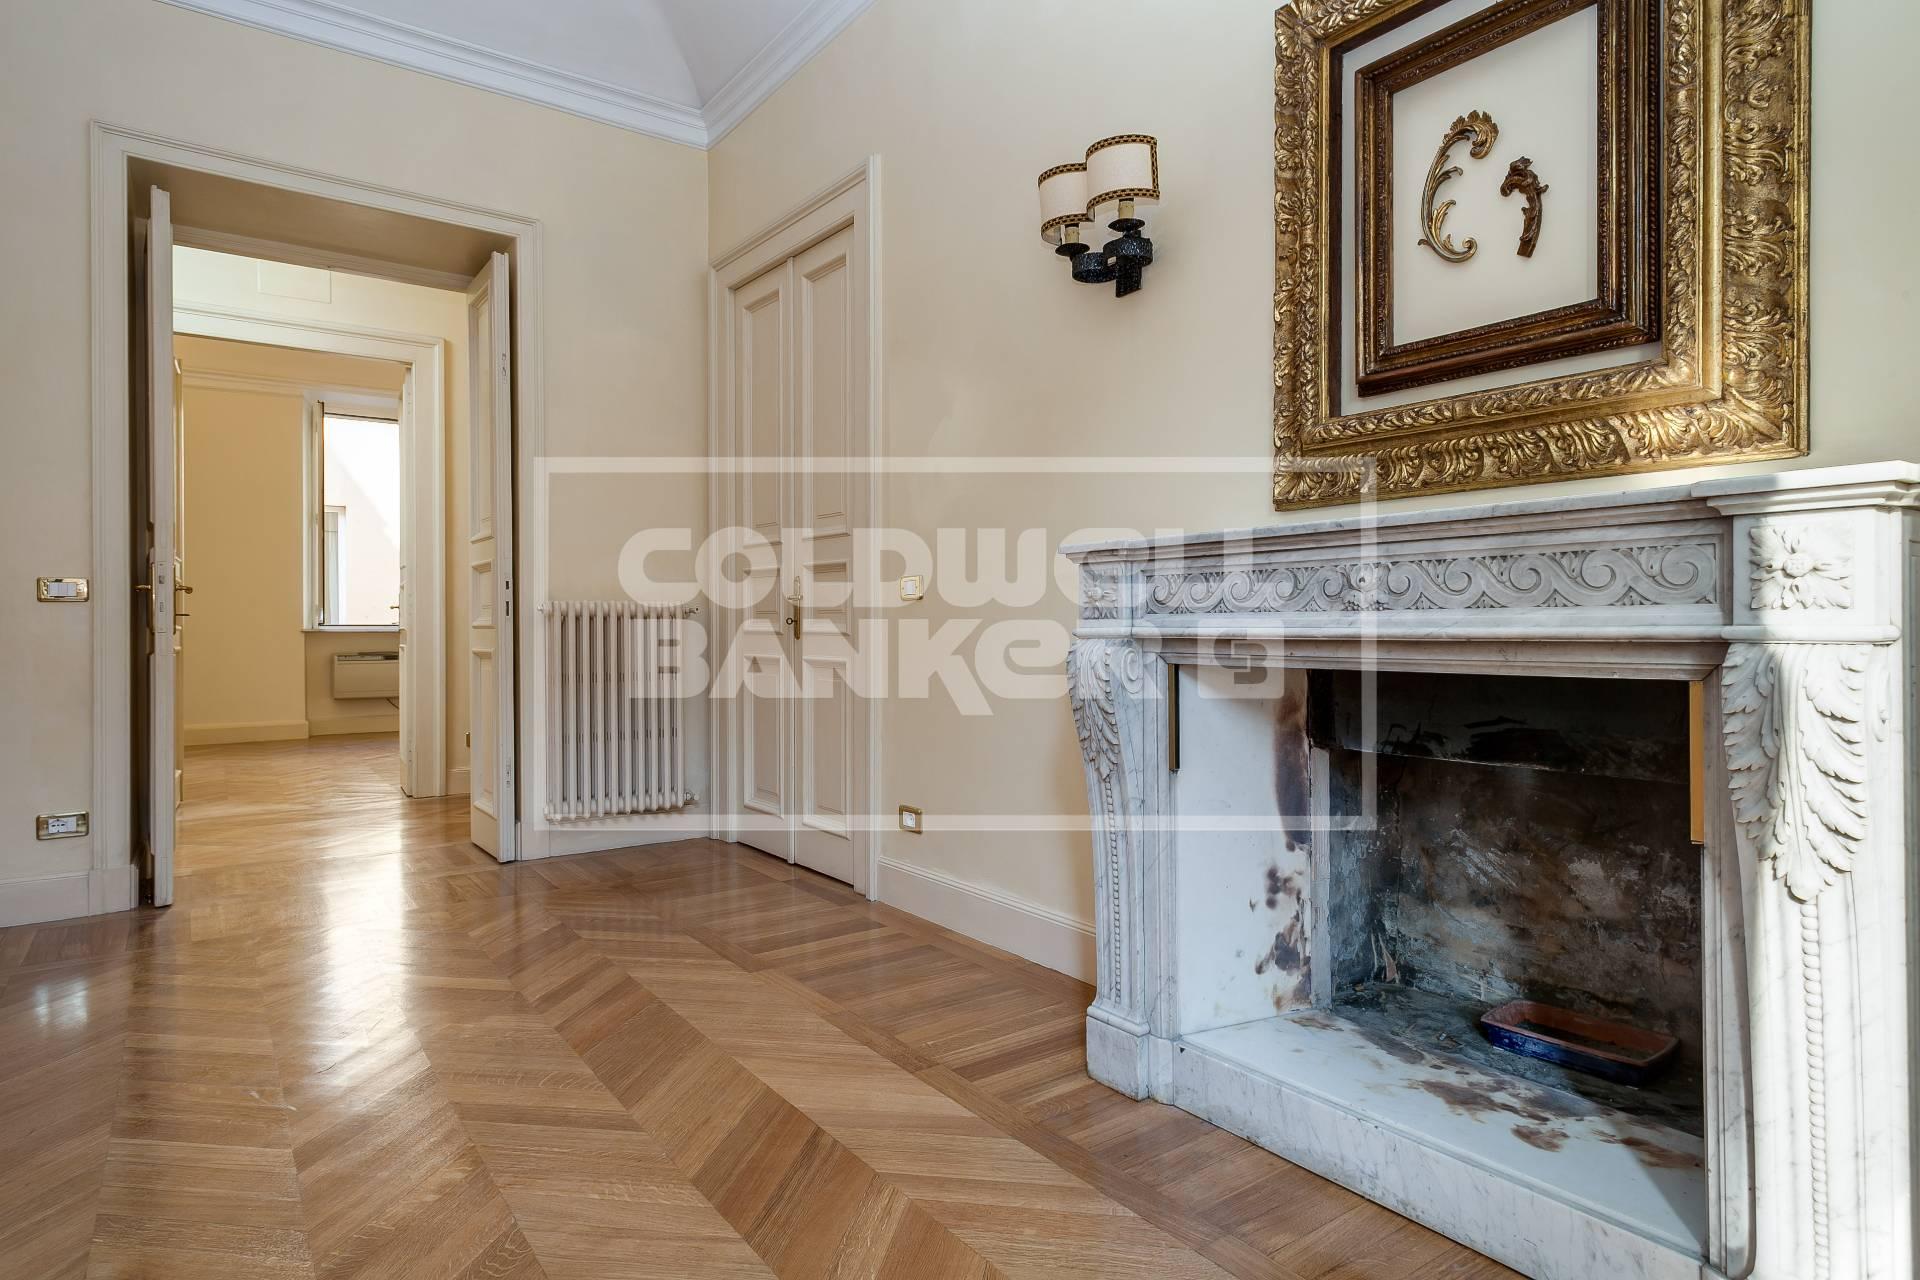 Cbi100 43515vk appartamento in affitto a roma prati for Roma affitto prati